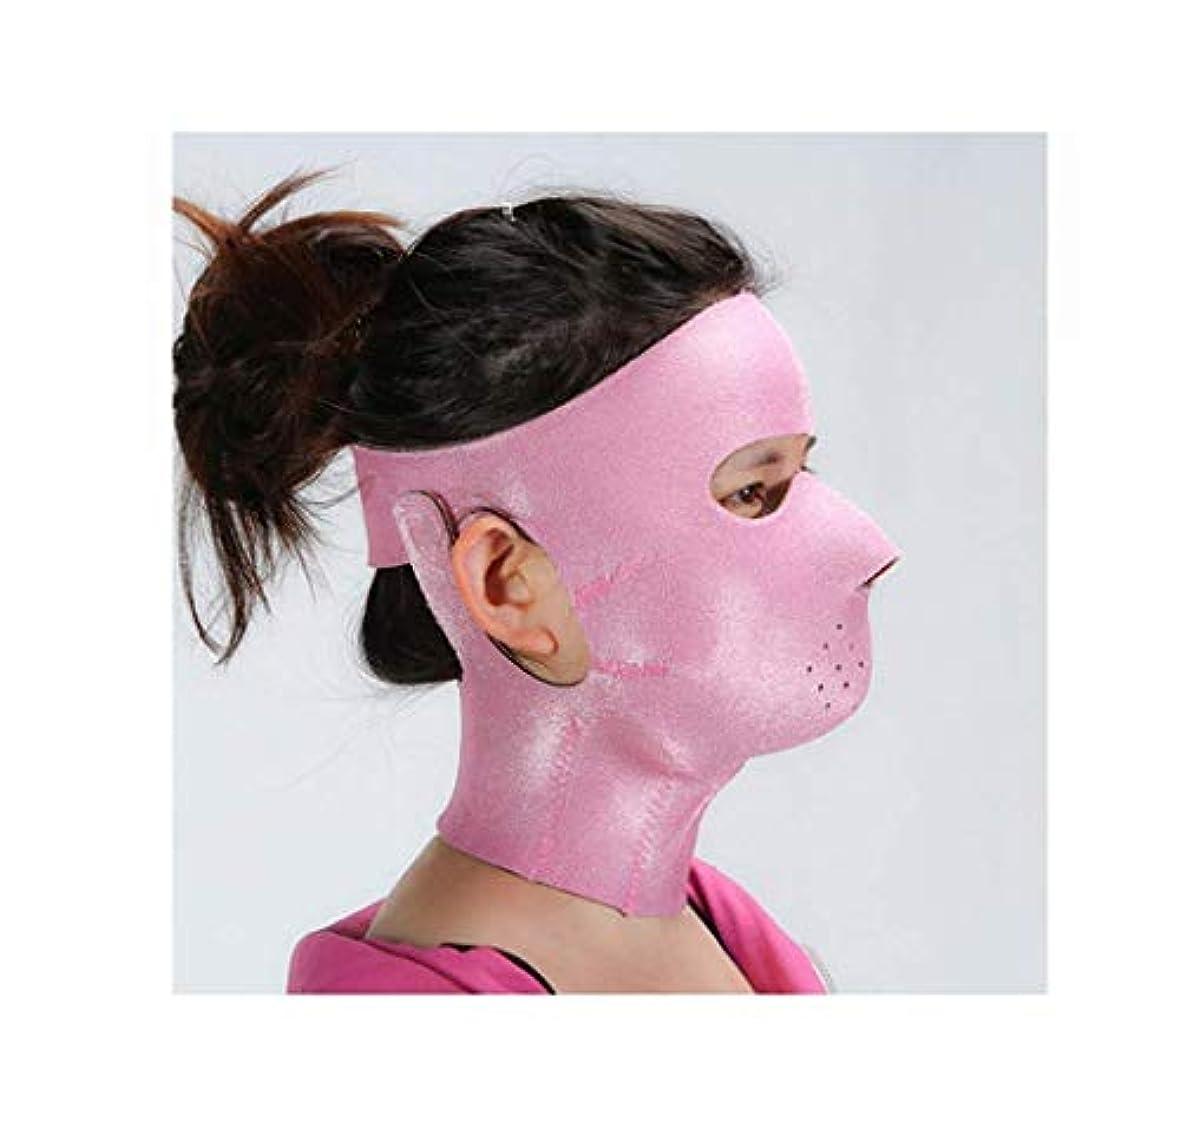 根絶するディスコ柱フェイスリフトマスク、フェイシャルマスクプラス薄いフェイスマスクタイトなたるみの薄いフェイスマスクフェイシャル薄いフェイスマスクアーティファクトビューティーネックストラップ付き